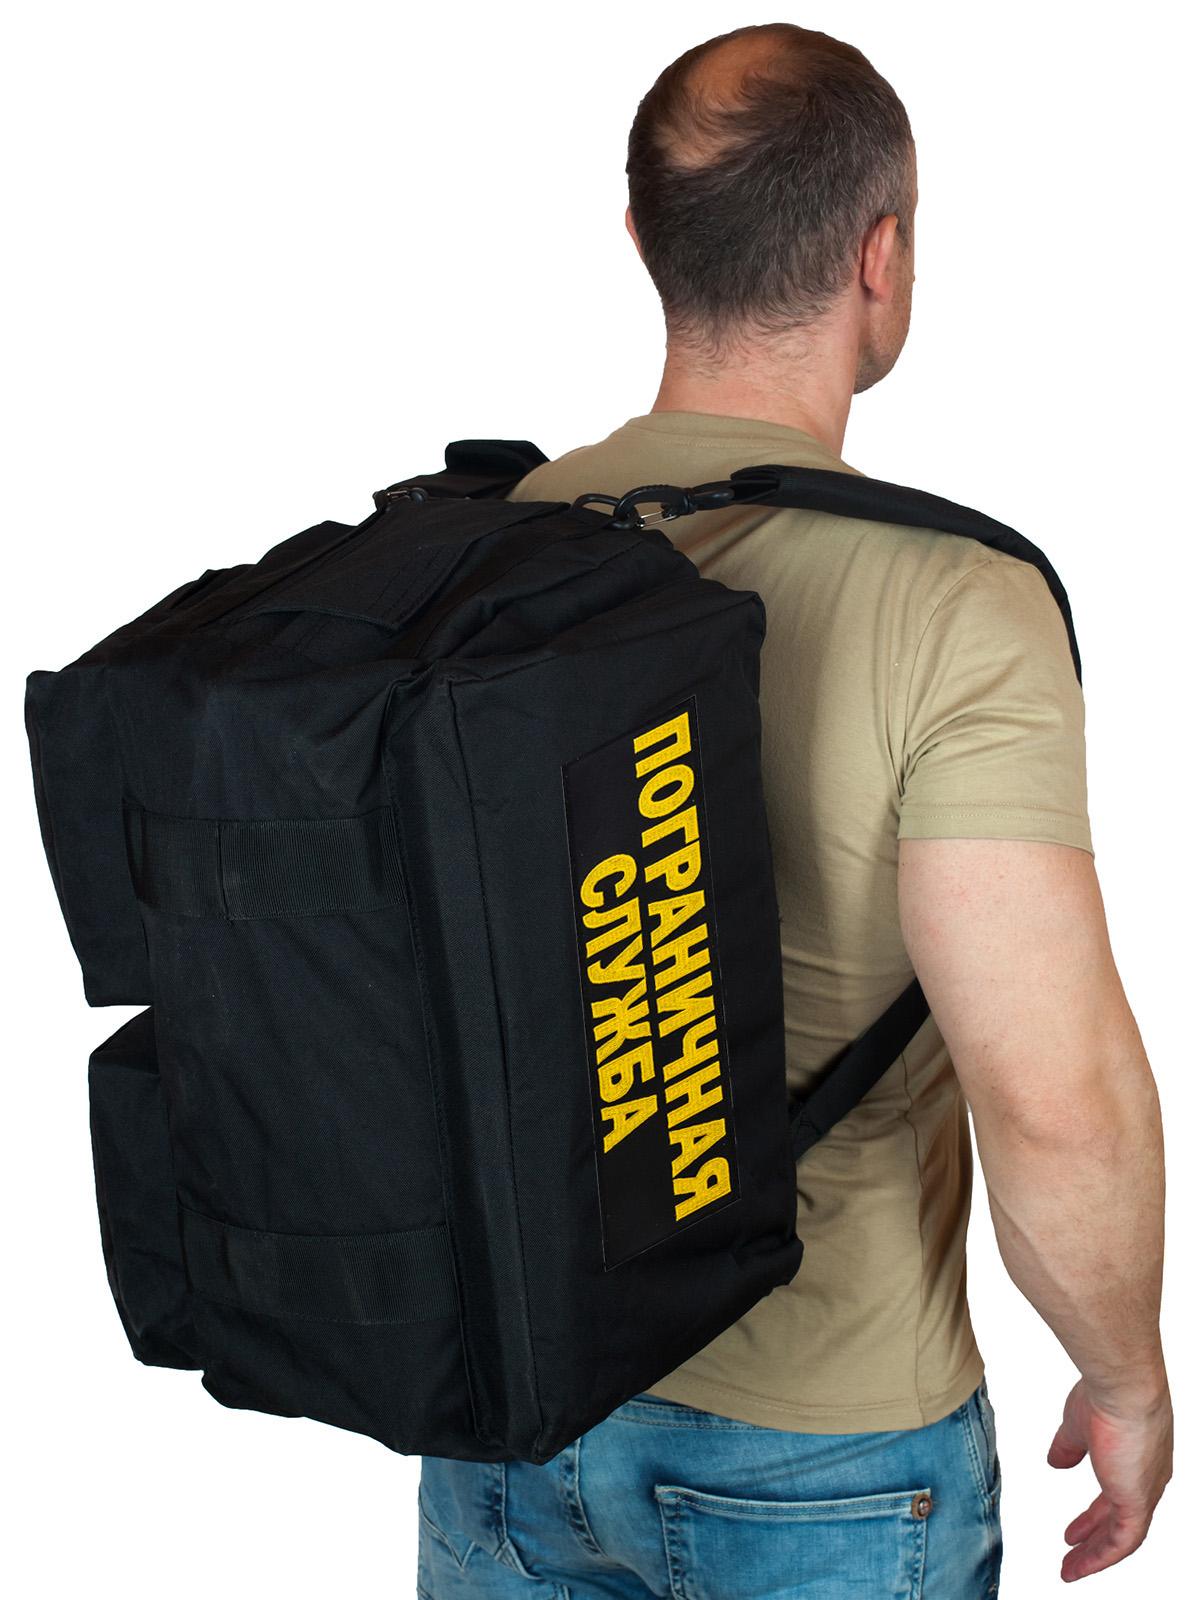 Купить надежную тактическую сумку-баул Пограничная Служба по лучшей цене